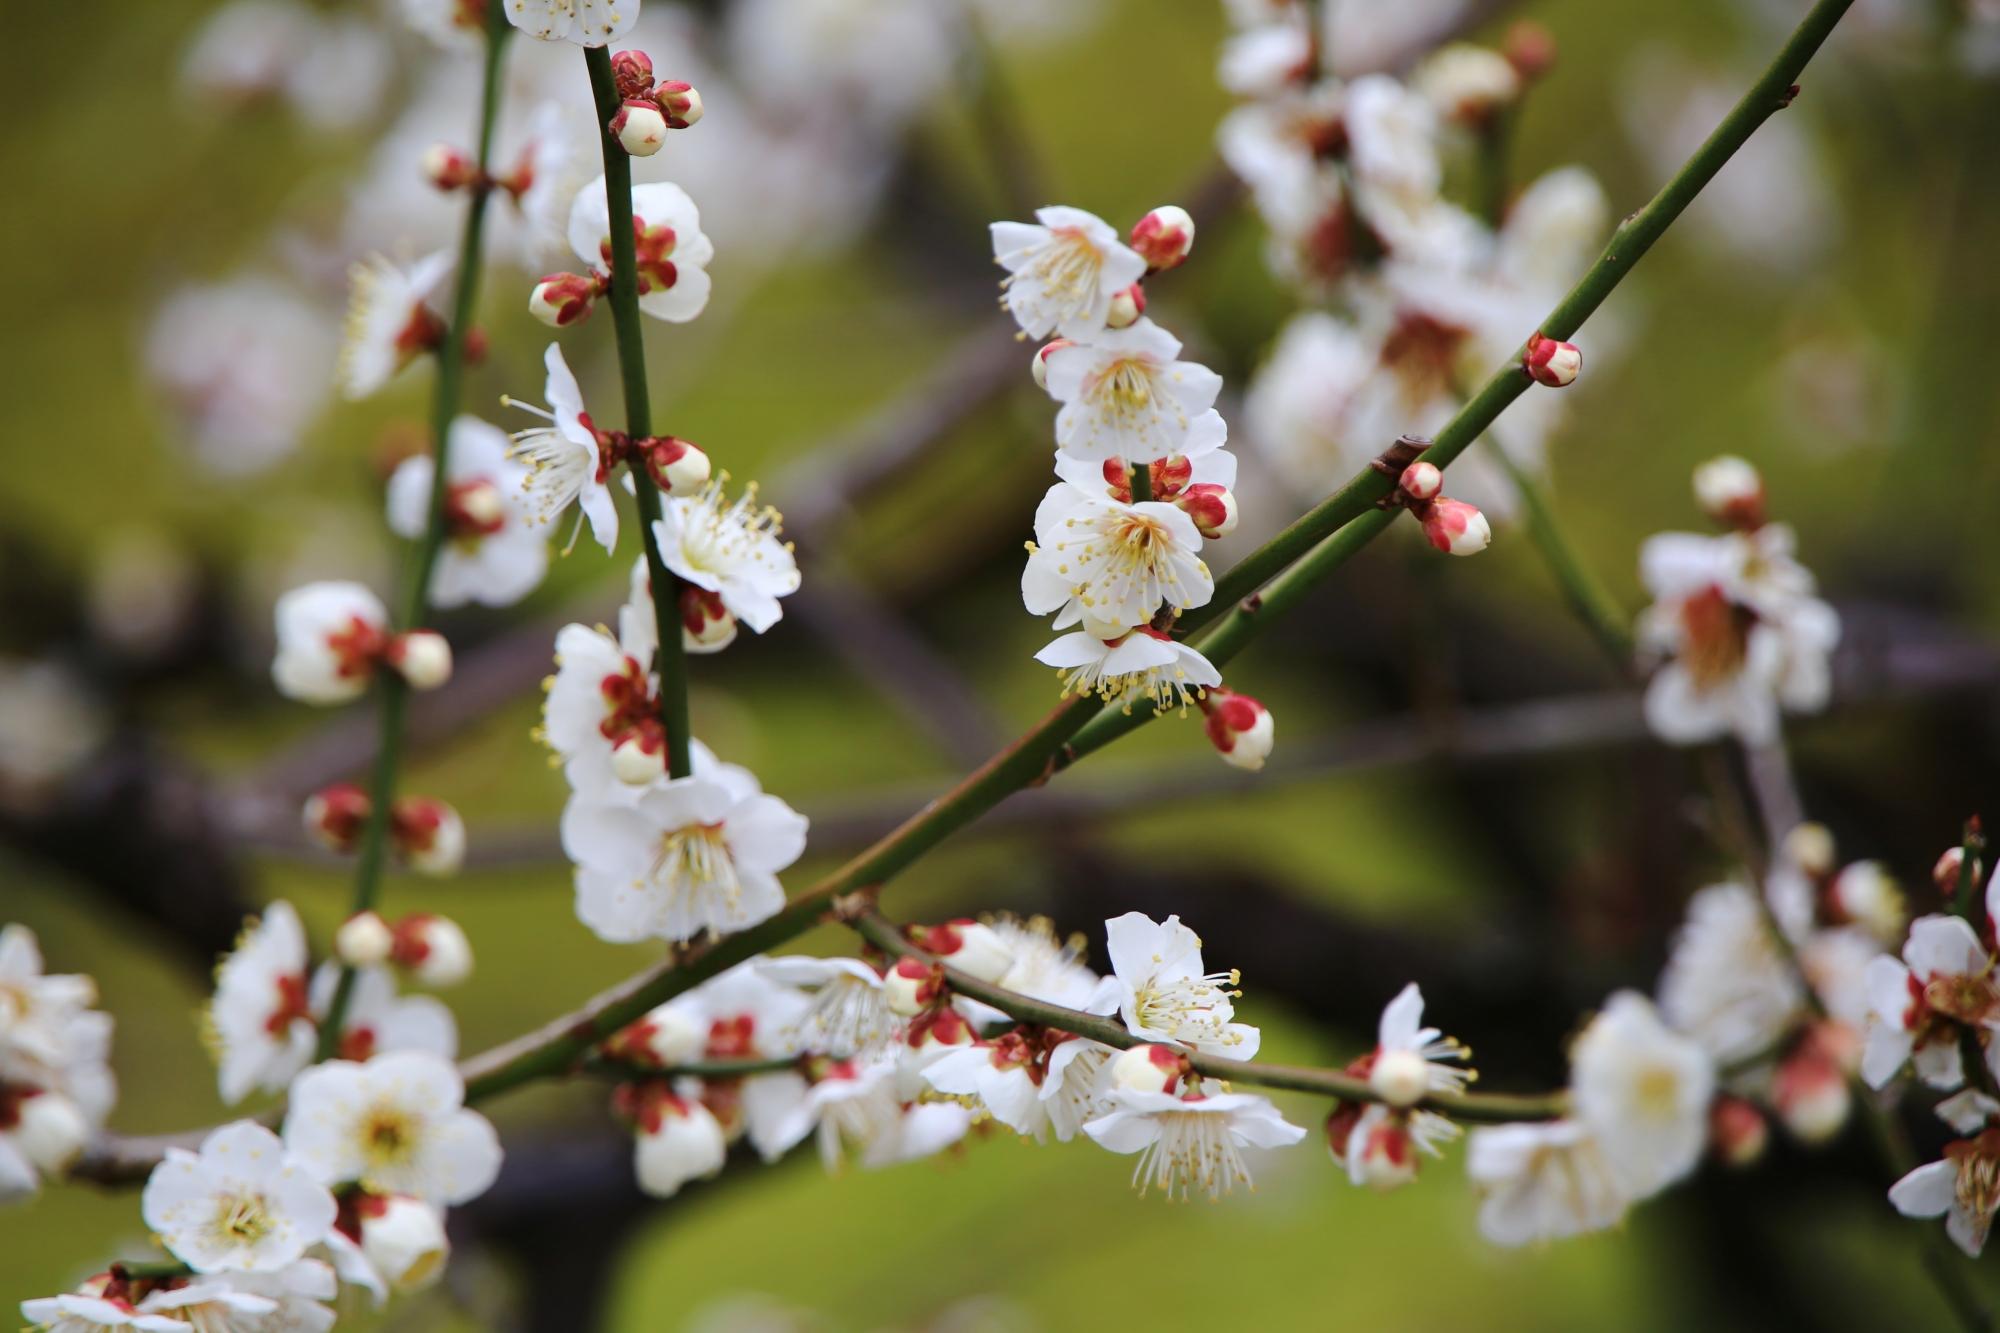 花の根元(ガク片)の小豆色がアクセントにもなる白梅